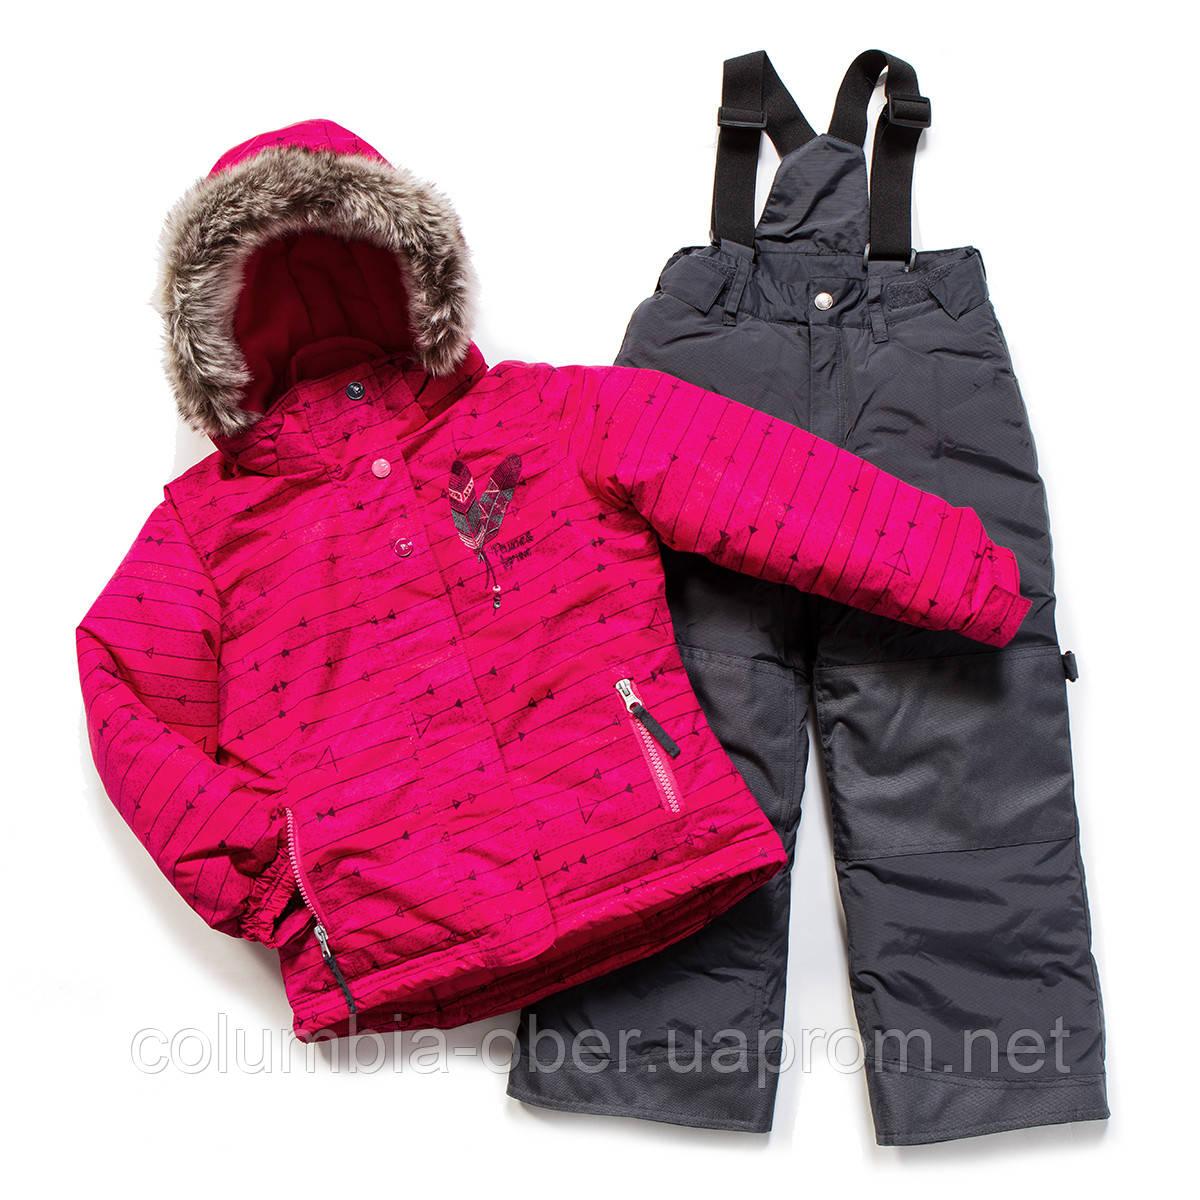 Зимний костюм для девочки PELUCHE F17M62EF Lollipop / Smokey Grey. Размер 134.